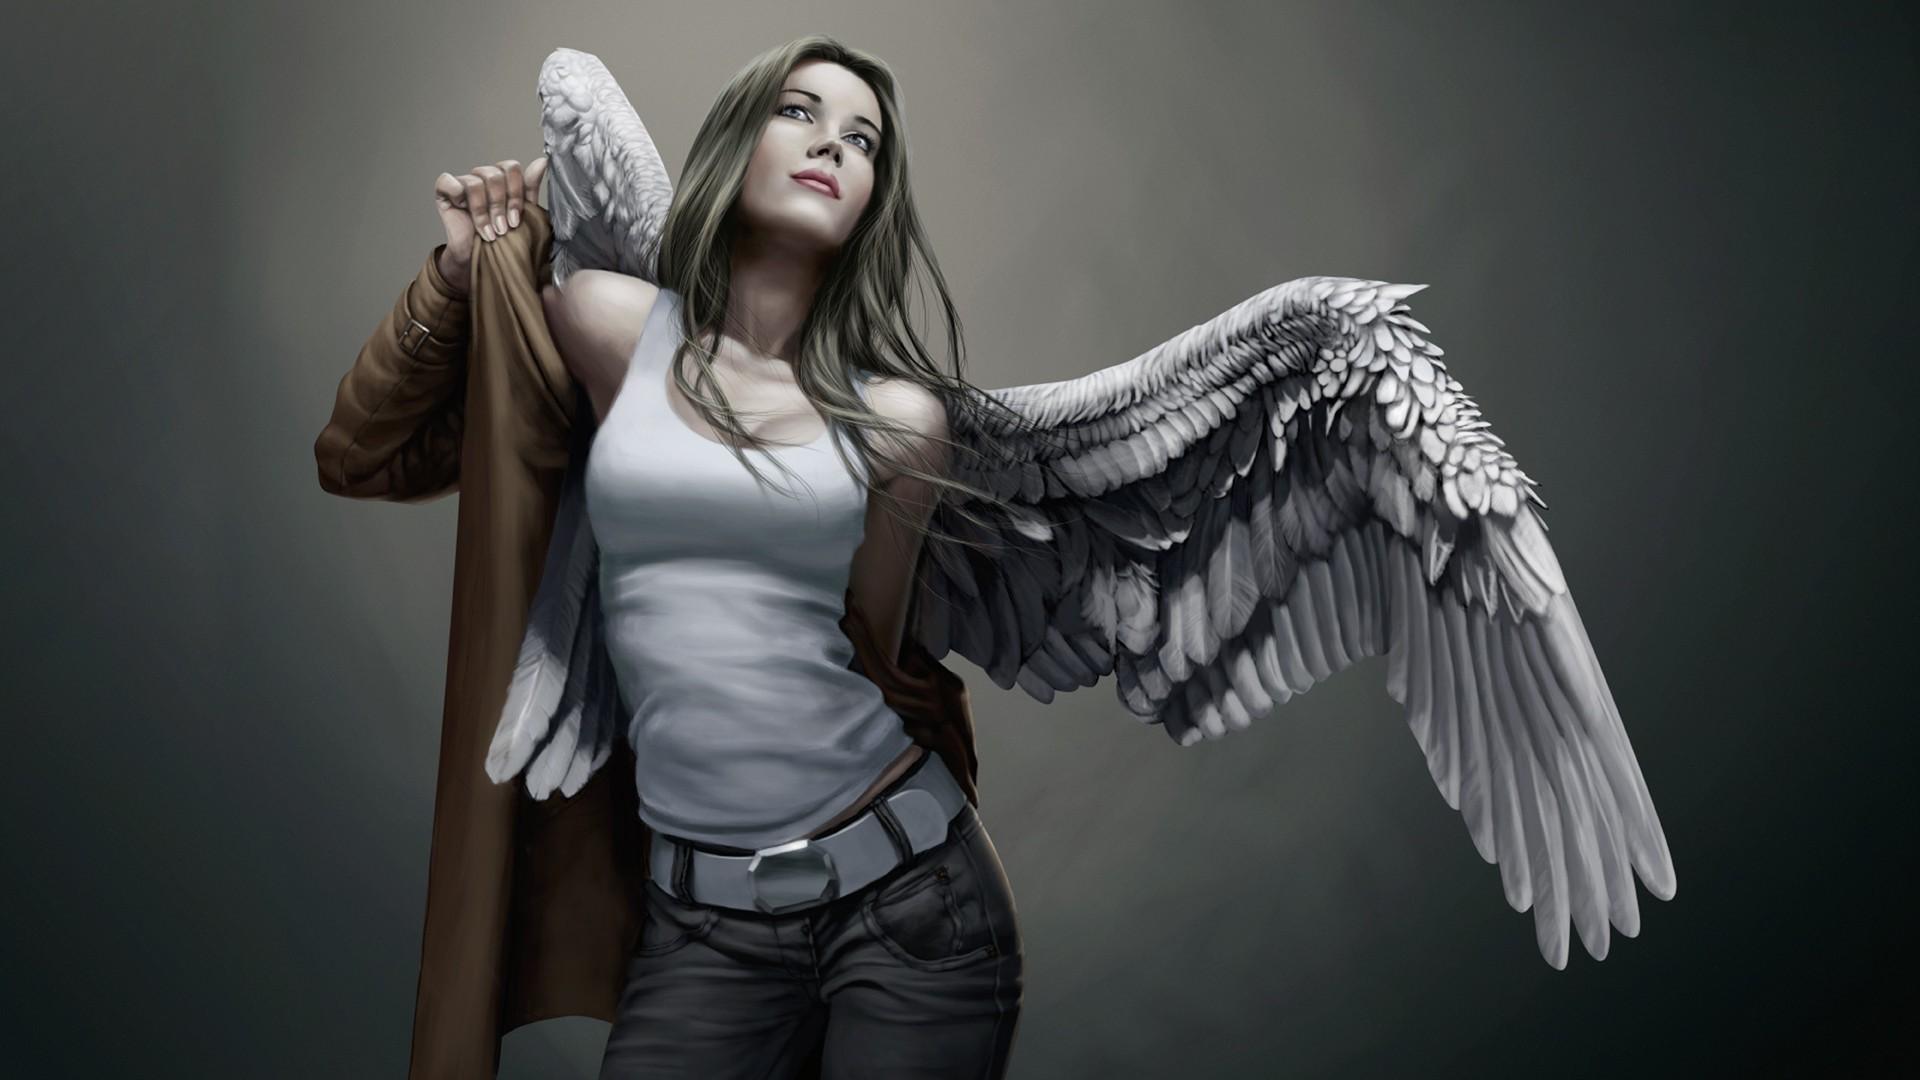 Обои на рабочий стол ангелы искусство